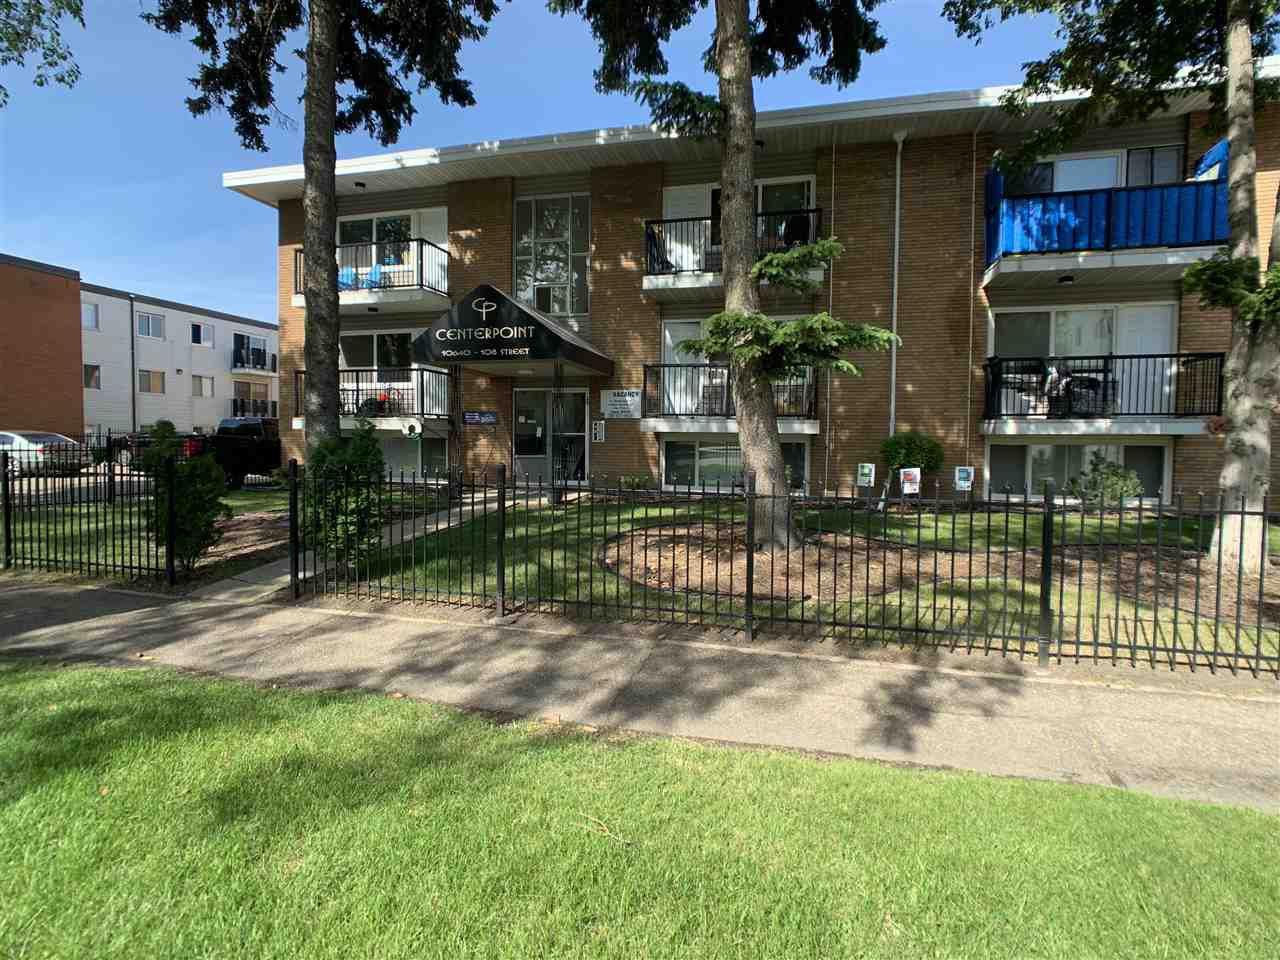 Main Photo: 22 10640 108 Street in Edmonton: Zone 08 Condo for sale : MLS®# E4204257